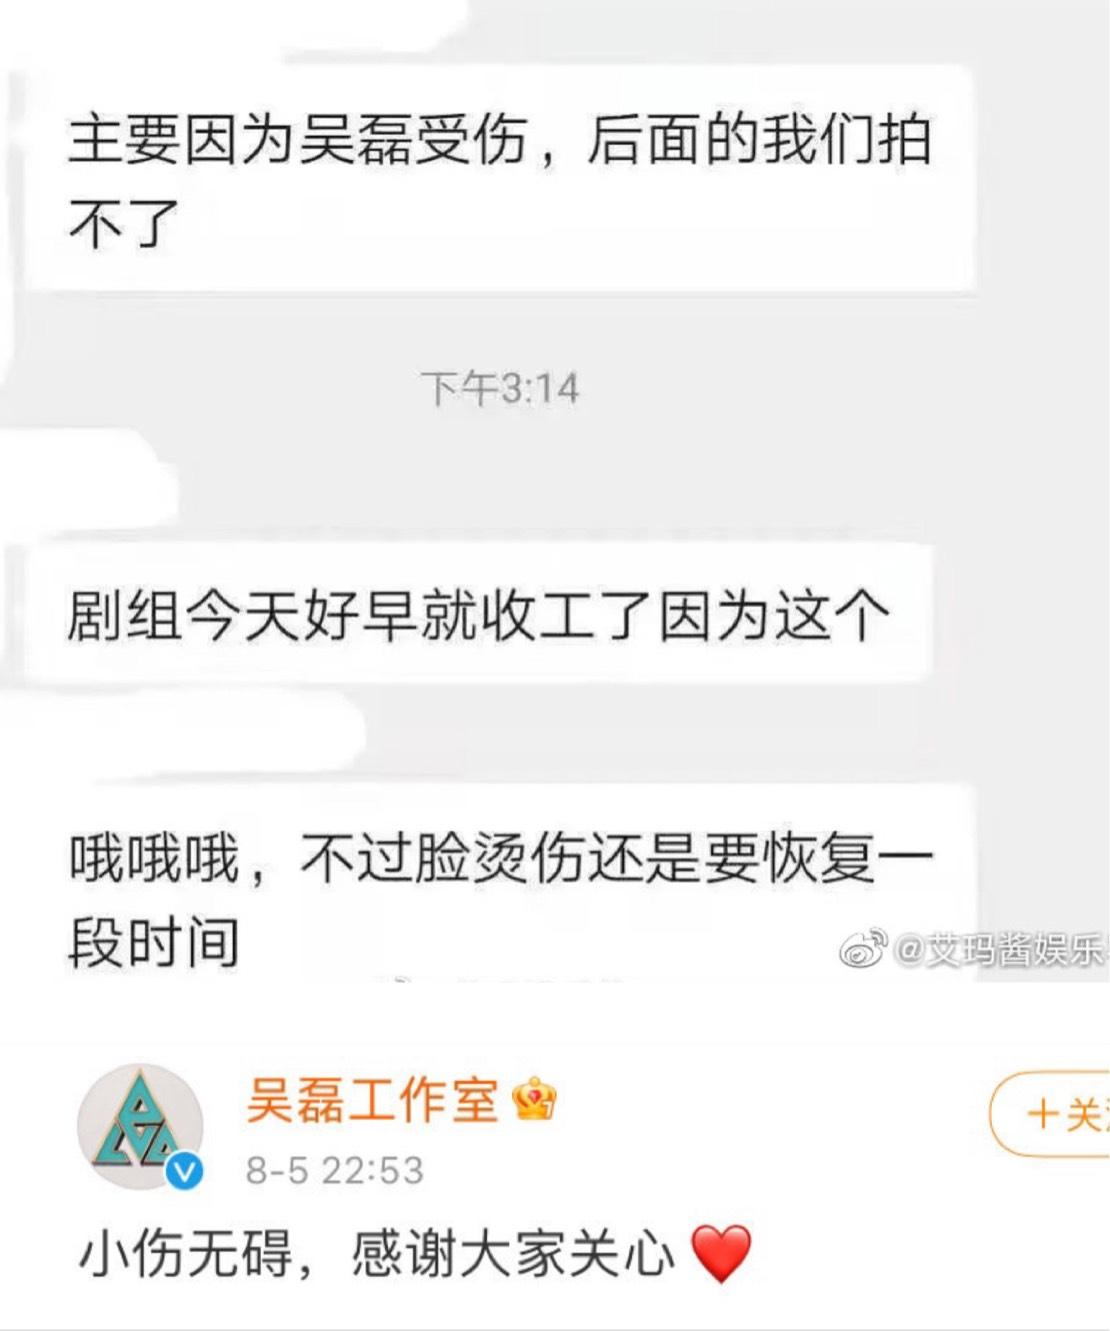 有網友爆出吳磊受傷的消息,工作室也證實了此事。圖:翻攝自微博